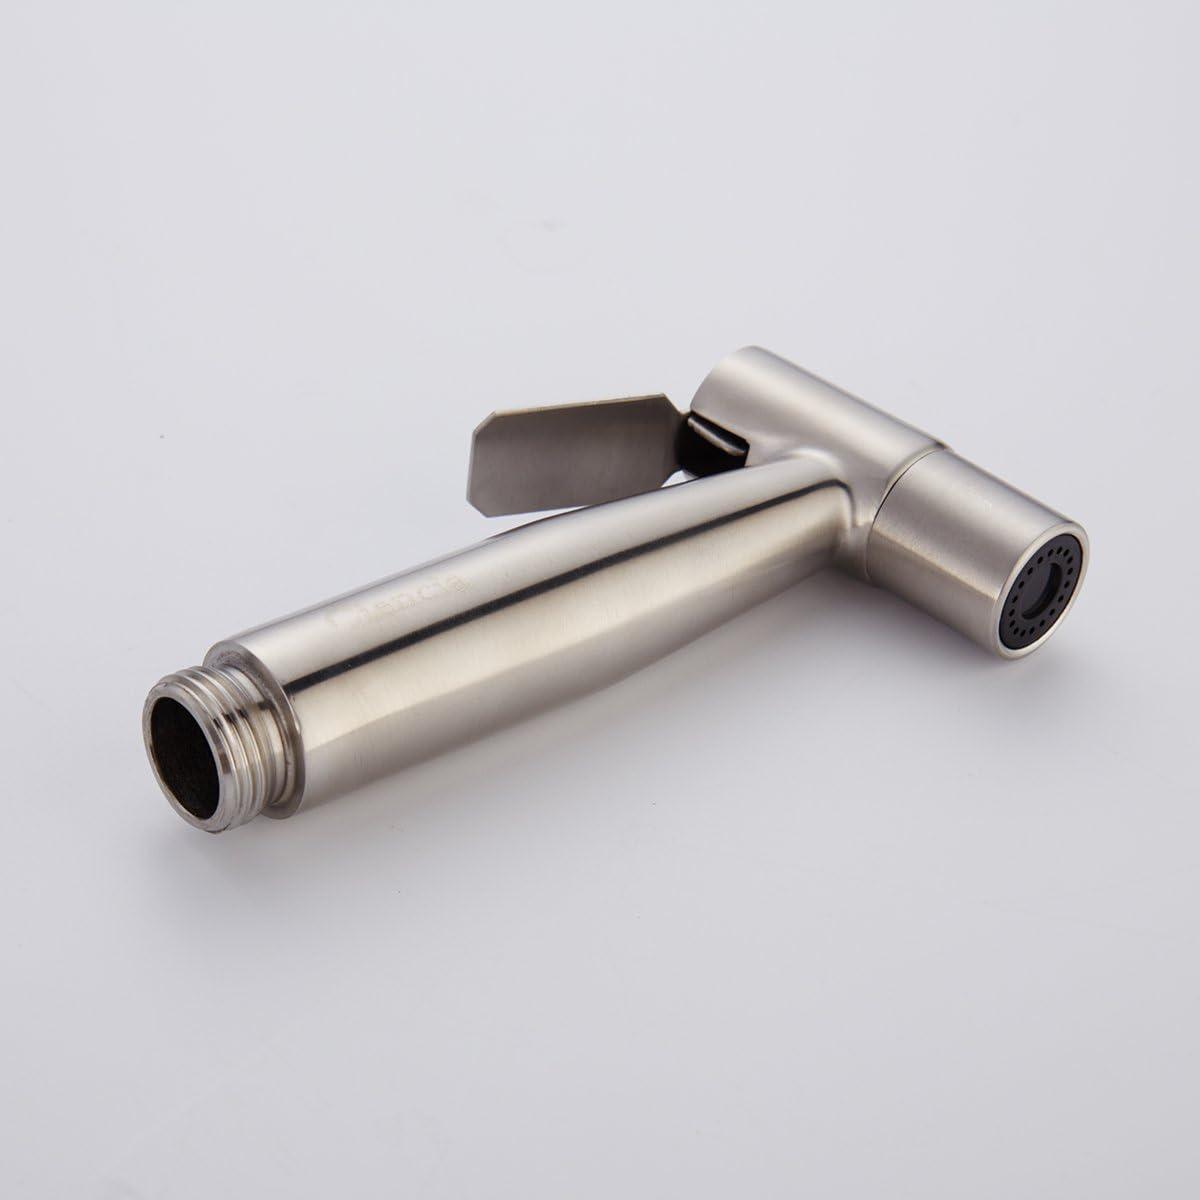 pulv/érisateur de bidet de main seulement pour la toilette WS024 CIENCIA pulv/érisateur de bidet tenu dans la main de qualit/é sup/érieure pulv/érisateur dacier inoxydable Shattaf